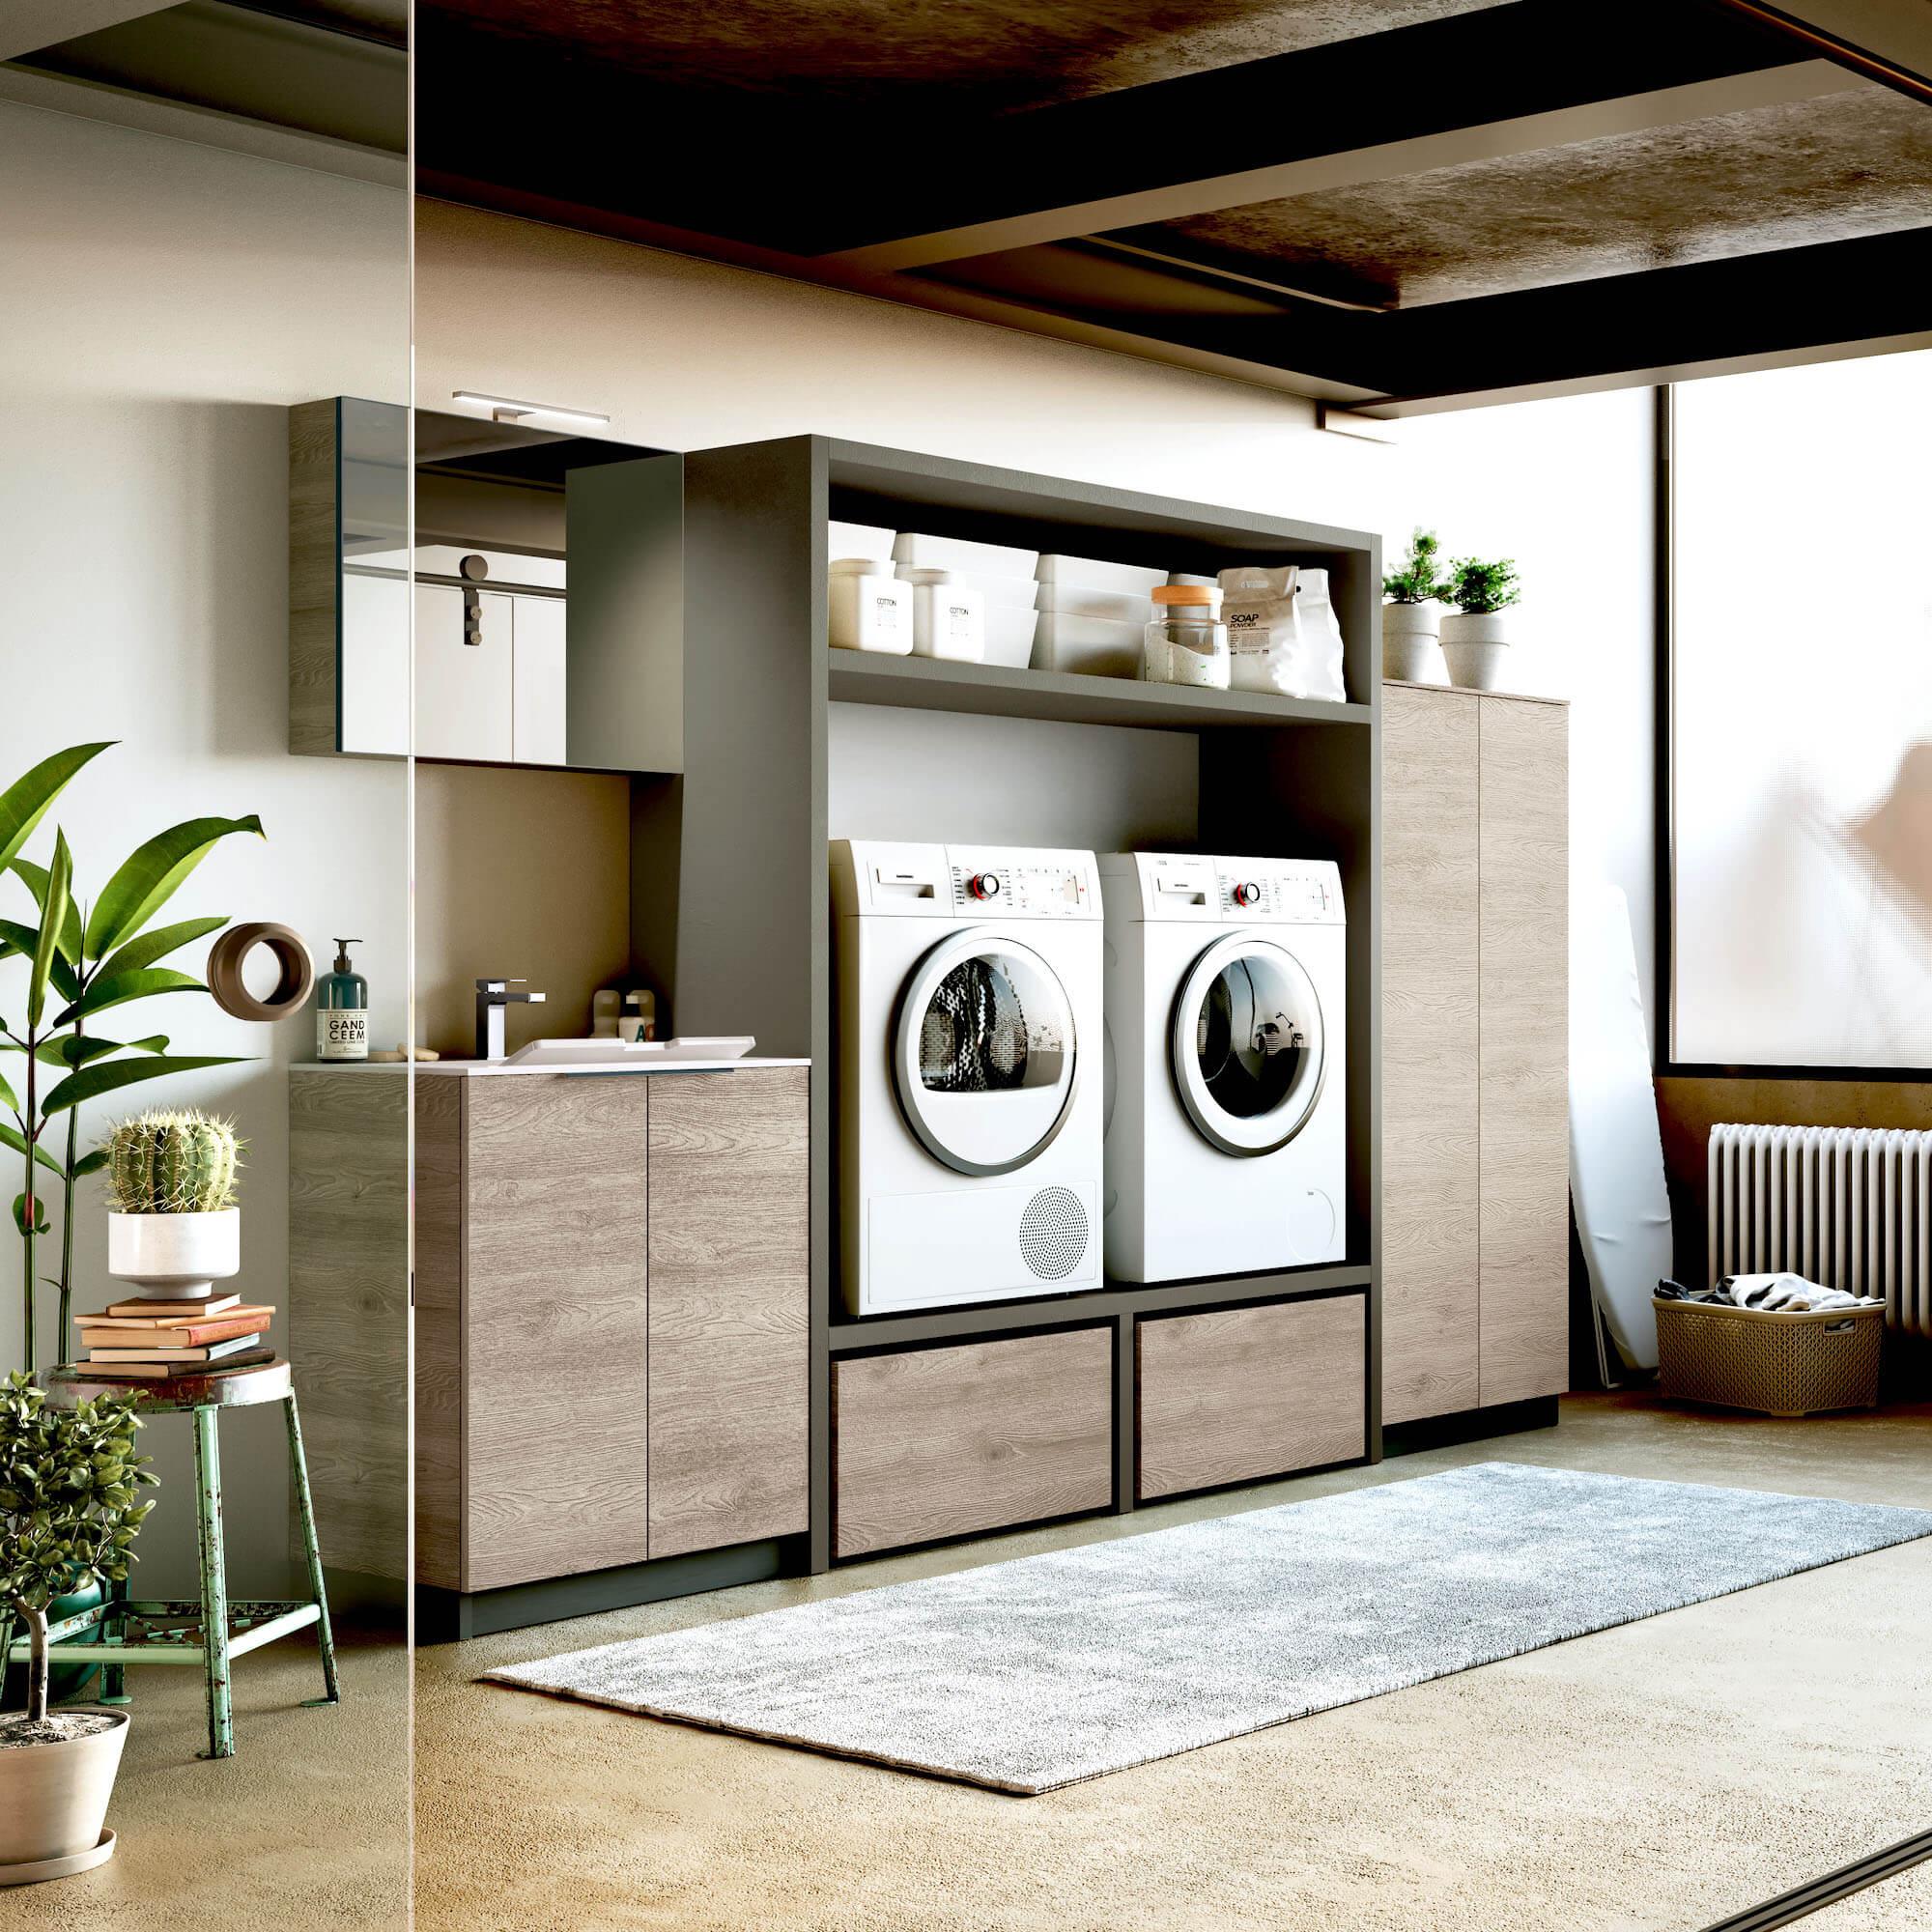 arredobagno-puntotre-lavanderia-5